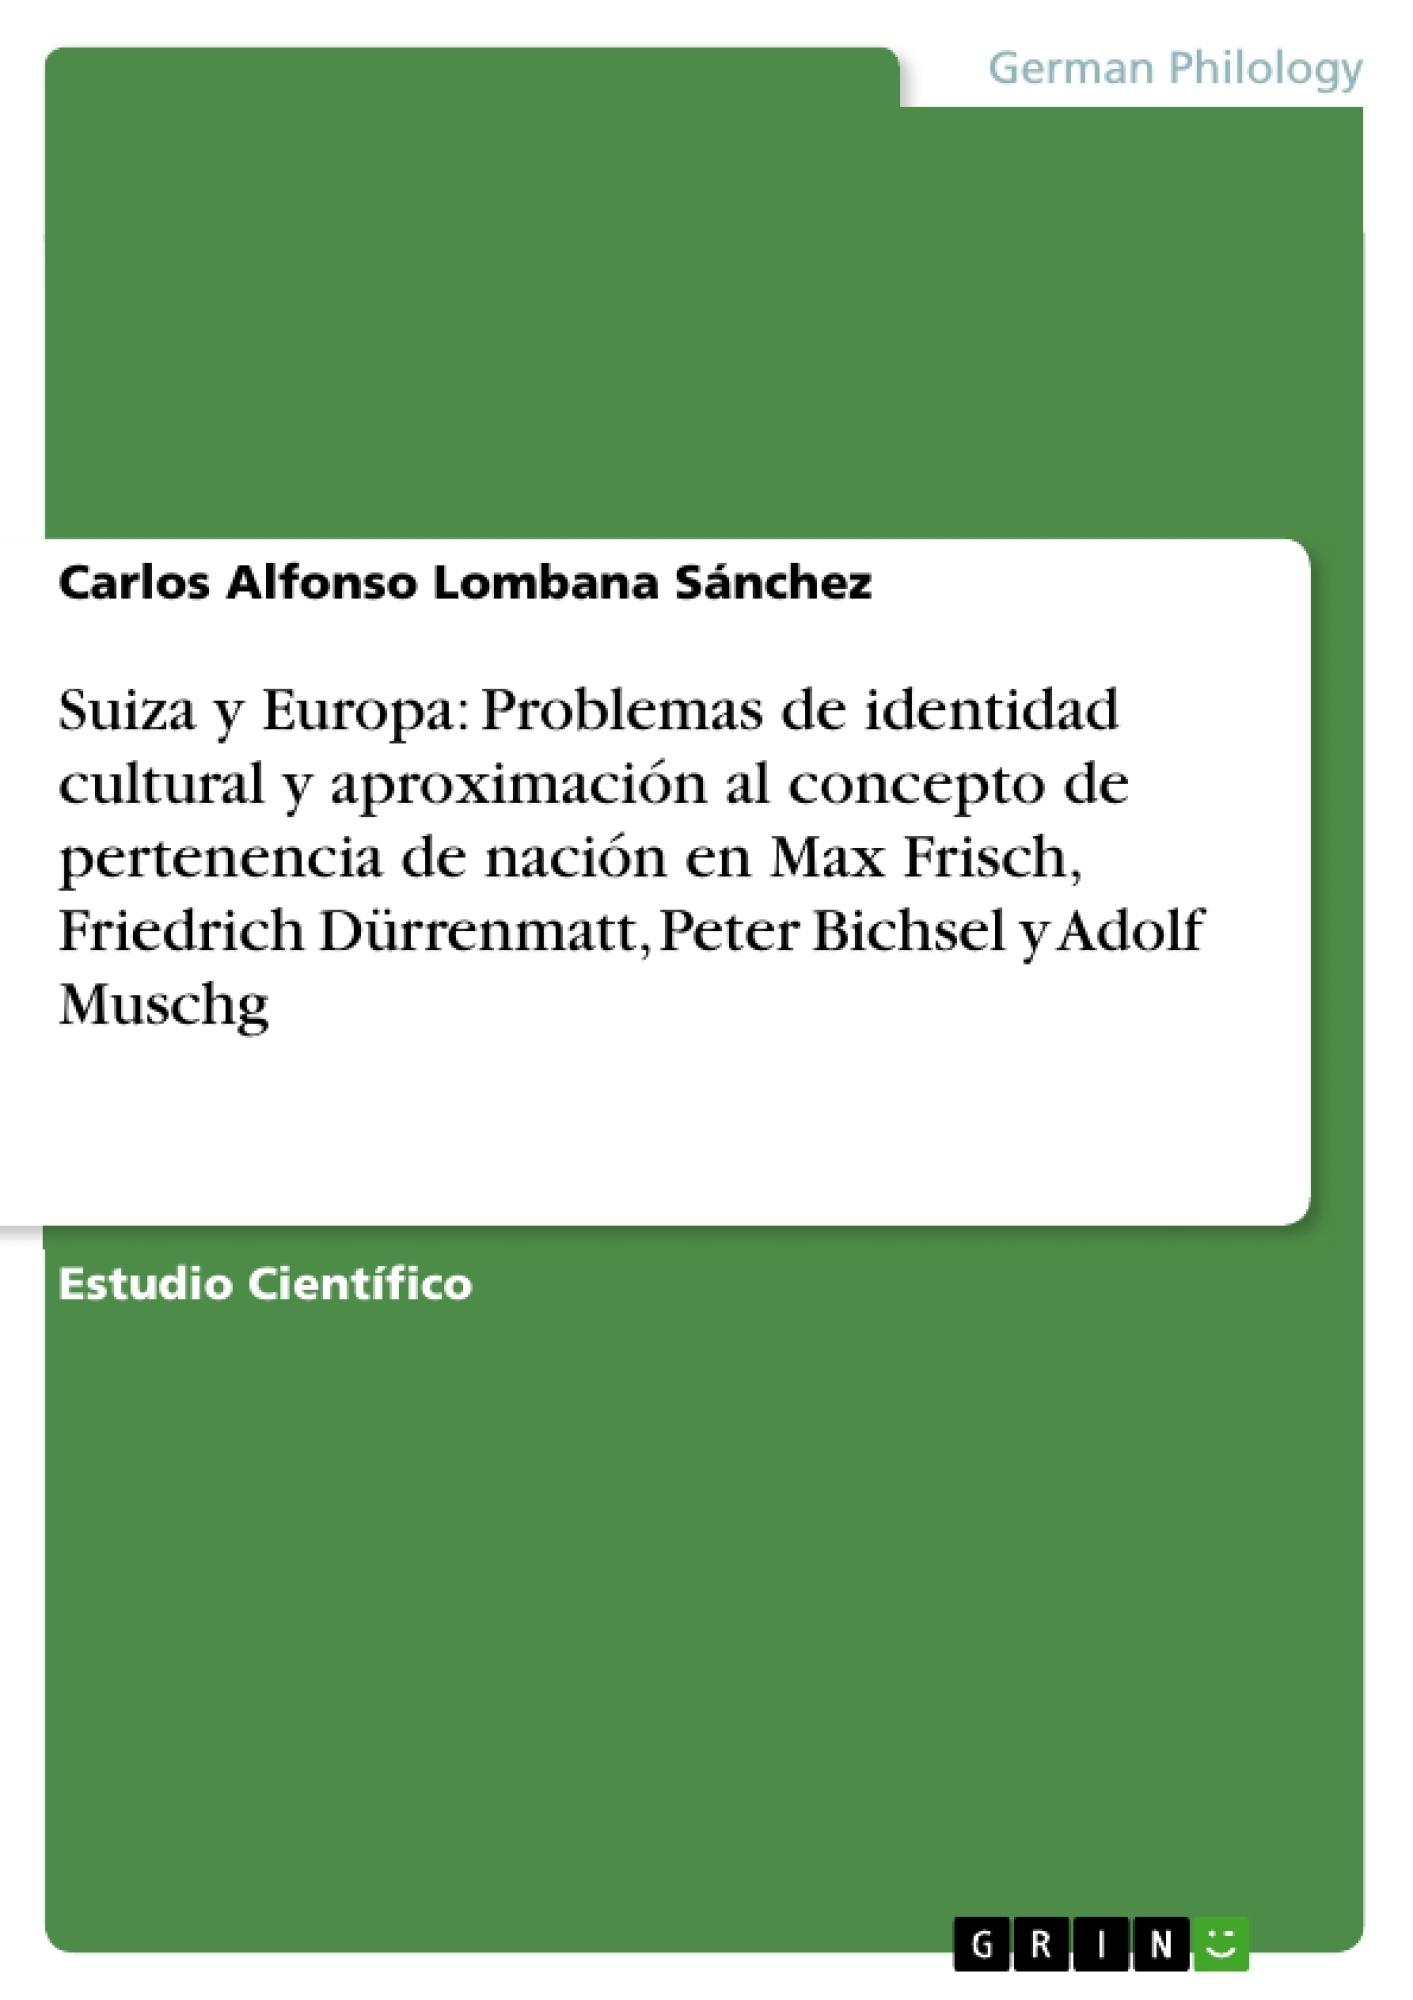 Título: Suiza y Europa: Problemas de identidad cultural y aproximación al concepto de pertenencia de nación en Max Frisch, Friedrich Dürrenmatt, Peter Bichsel y Adolf Muschg